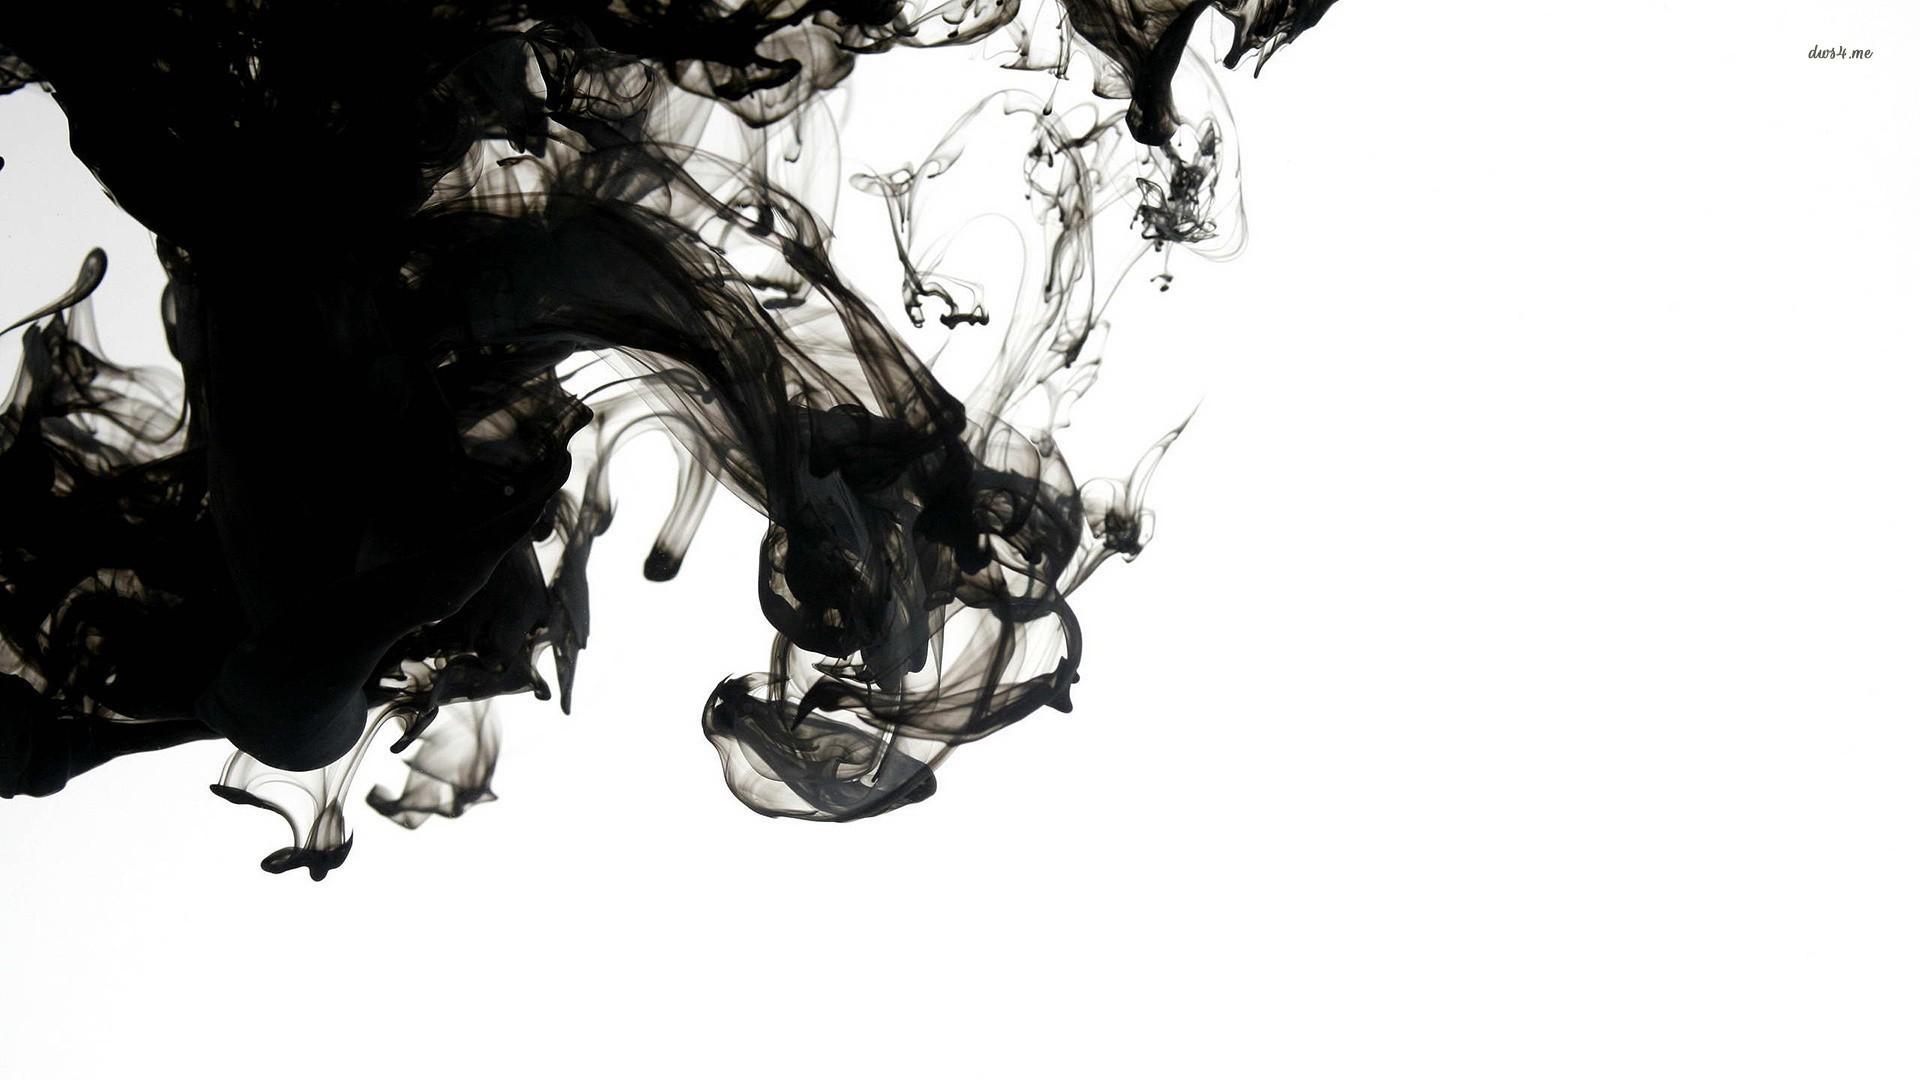 Fire Smoke Png Name: 14156-black-smoke-